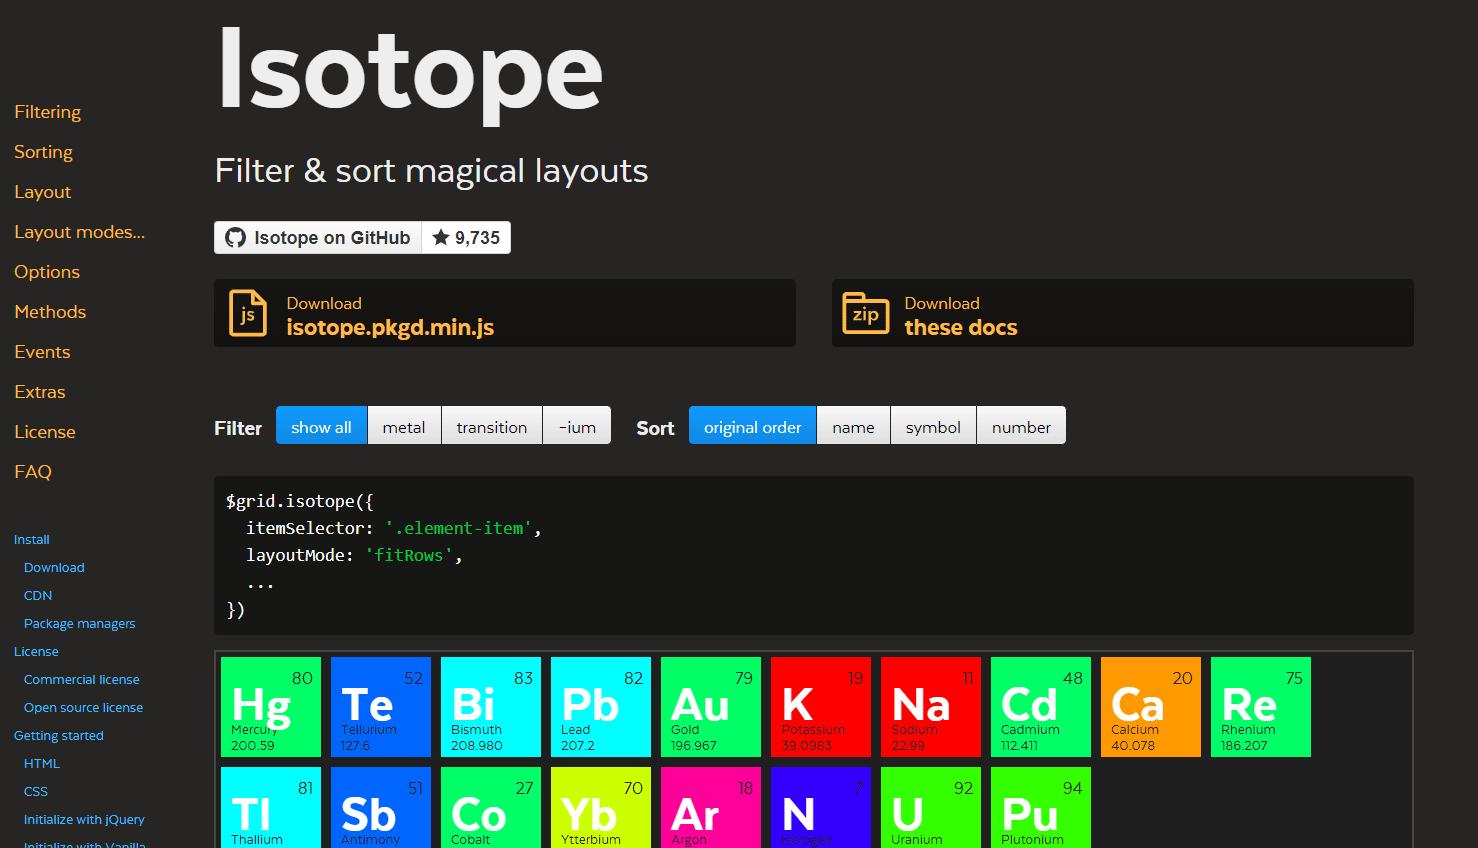 フィルタリング機能も使える!Masonry風のグリッドレイアウトに要素を並べ替えてくれるjQueryプラグイン「Isotope」